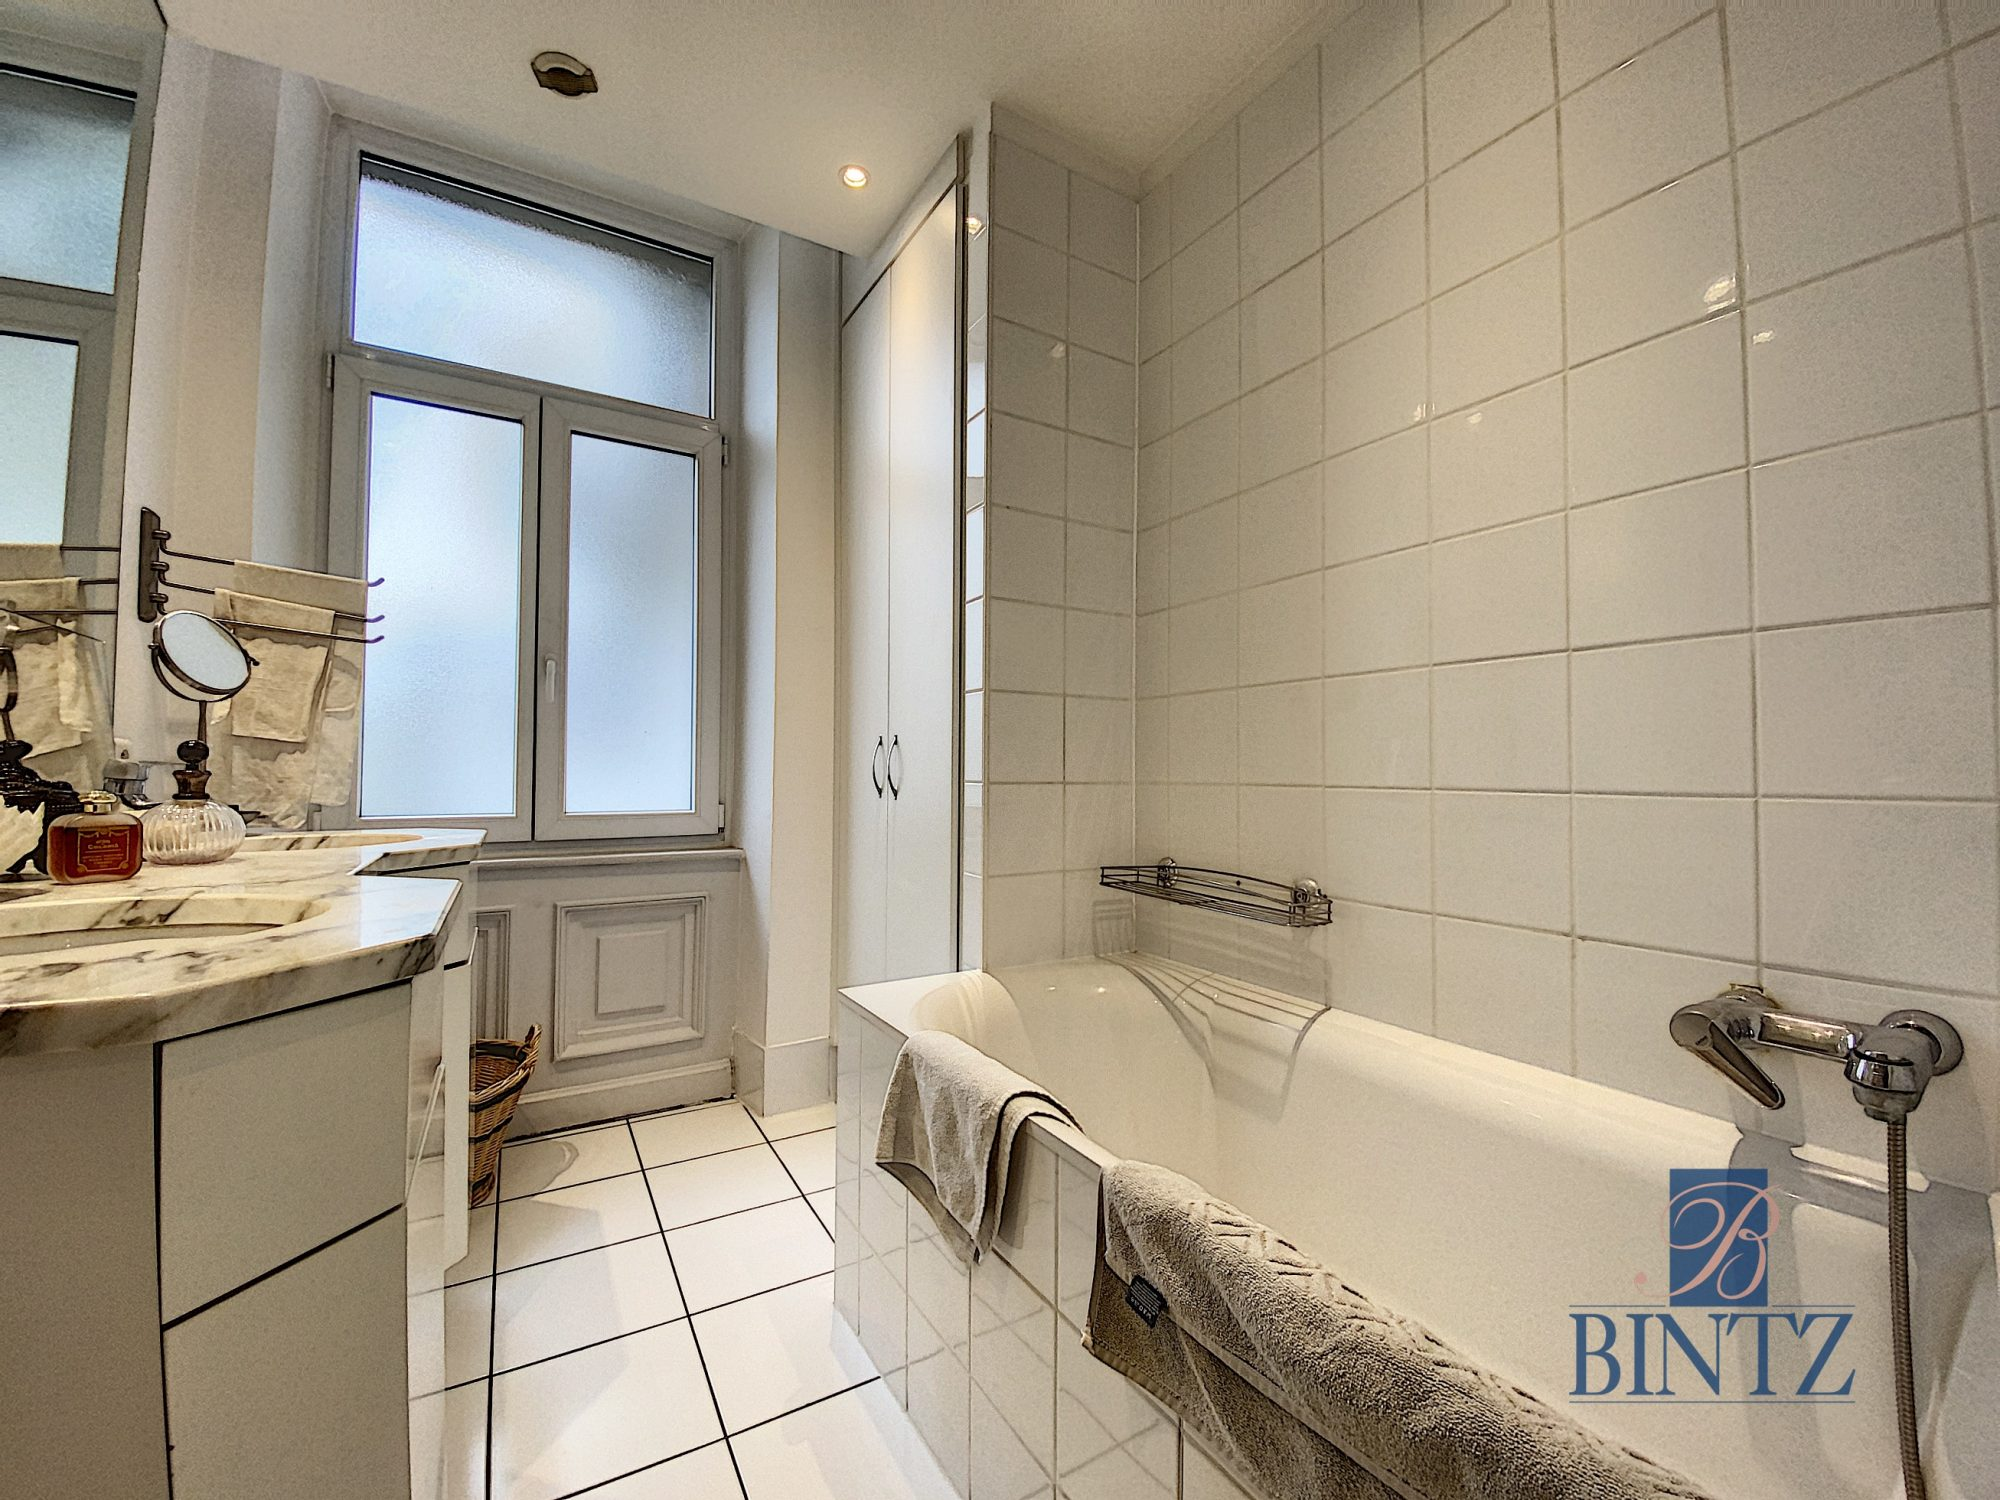 Magnifique 6 pièces de 164m2 à la Neustadt - Devenez propriétaire en toute confiance - Bintz Immobilier - 18